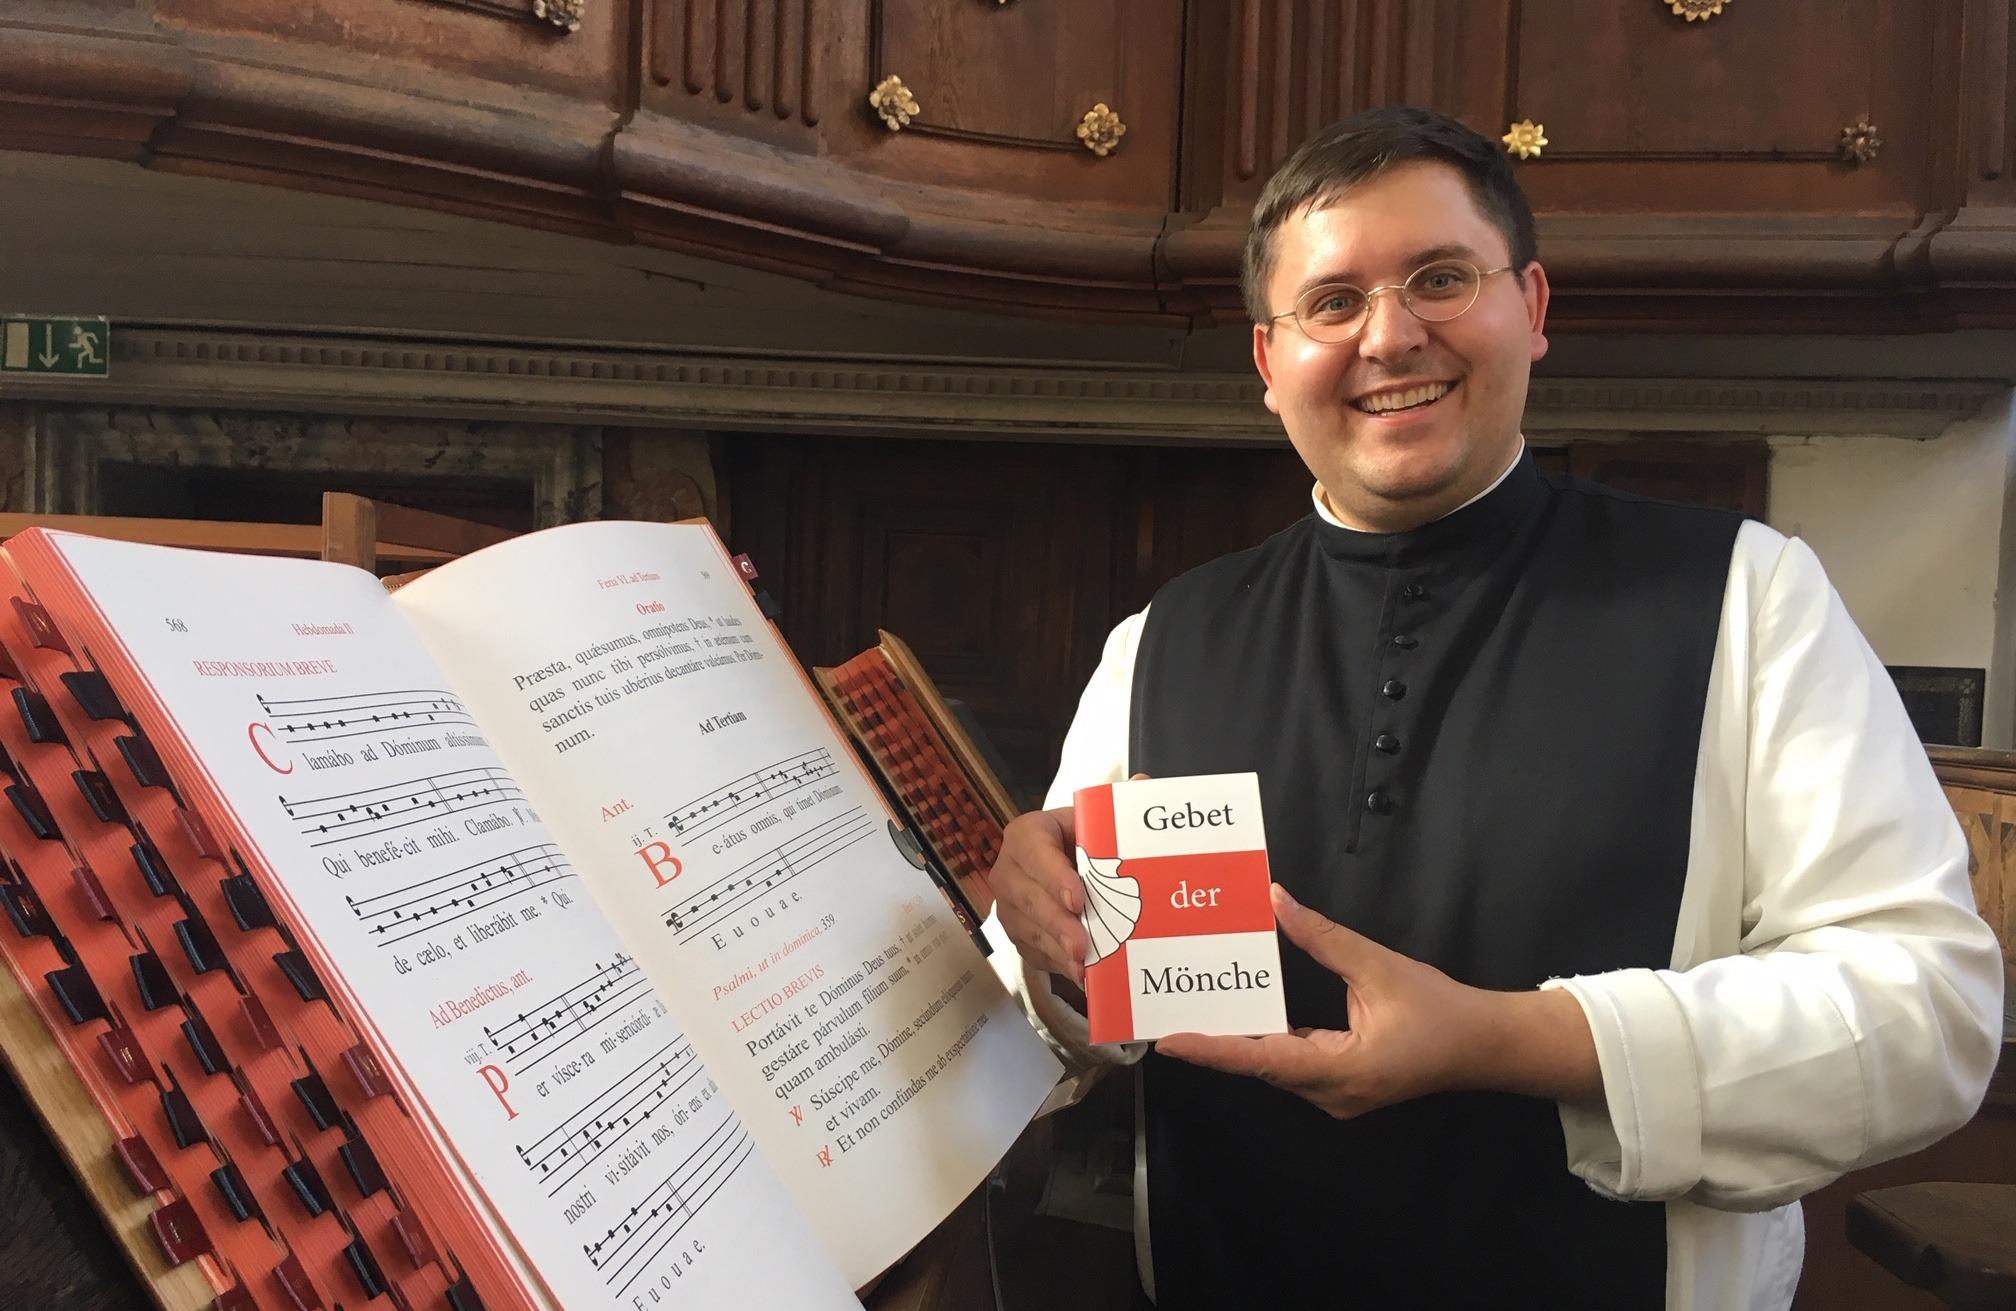 """Pater Konrad mit der Broschüre """"Gebet der Mönche"""""""